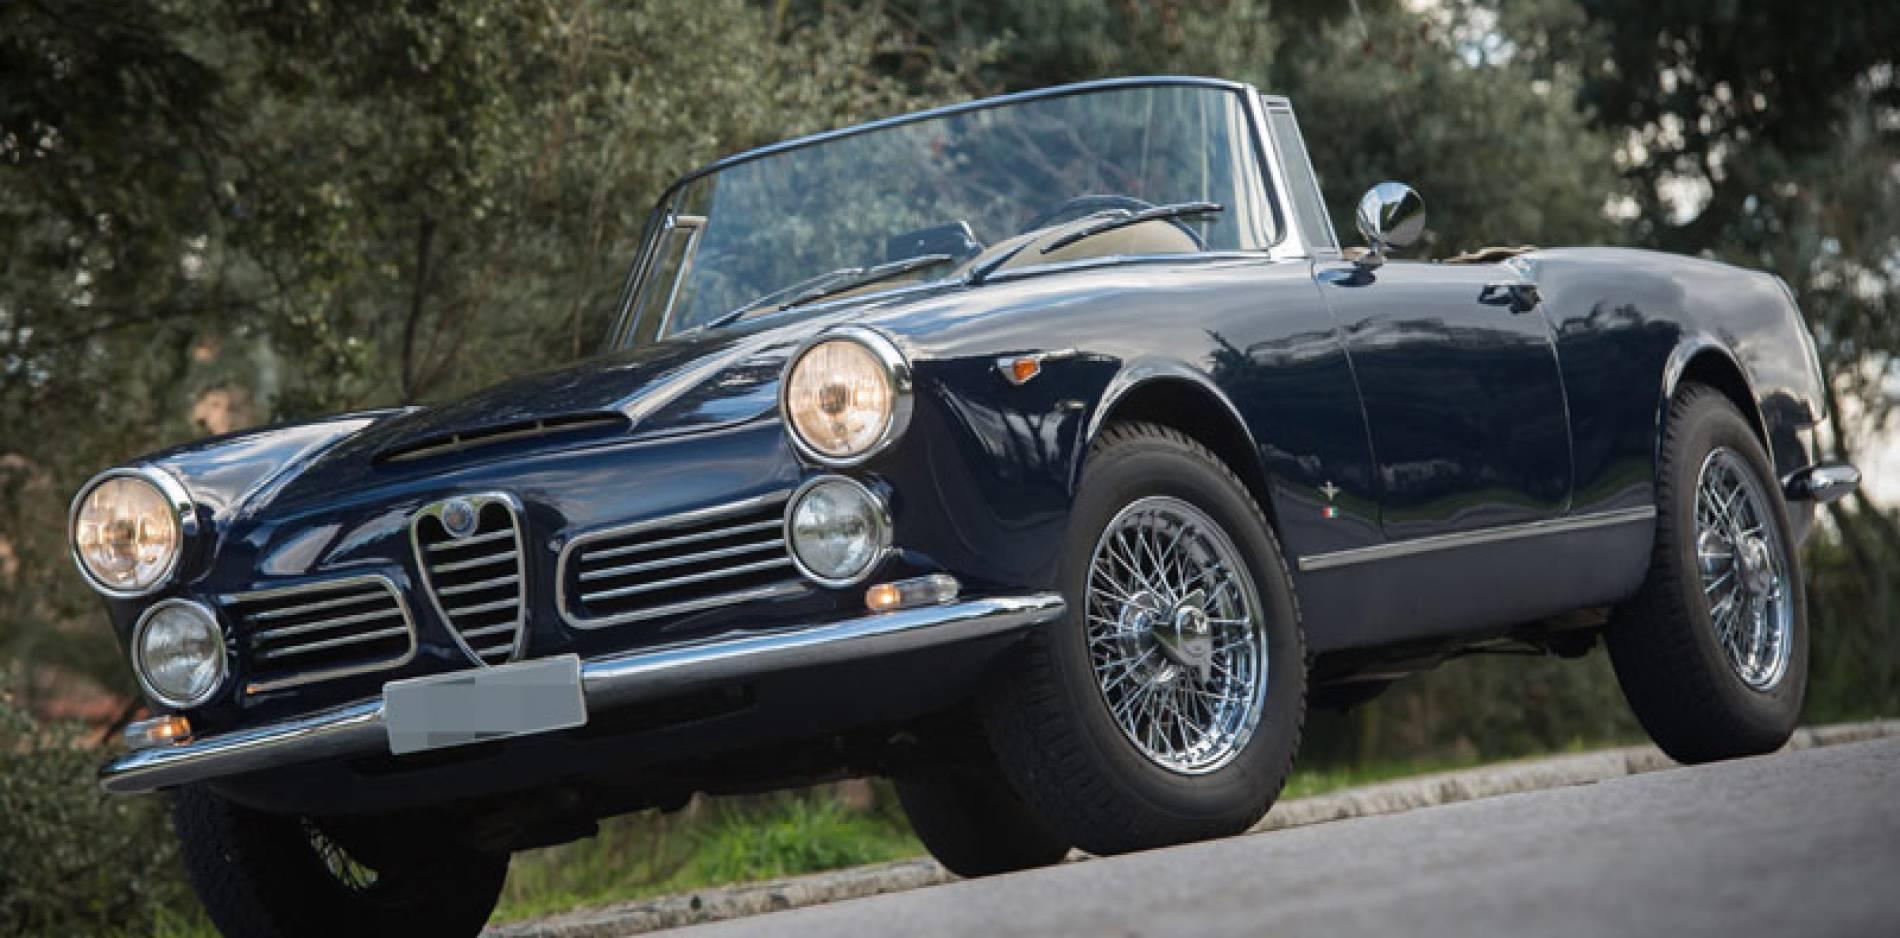 Prueba clásica del Alfa Romeo 2600 Spider, sin prisas, por favor